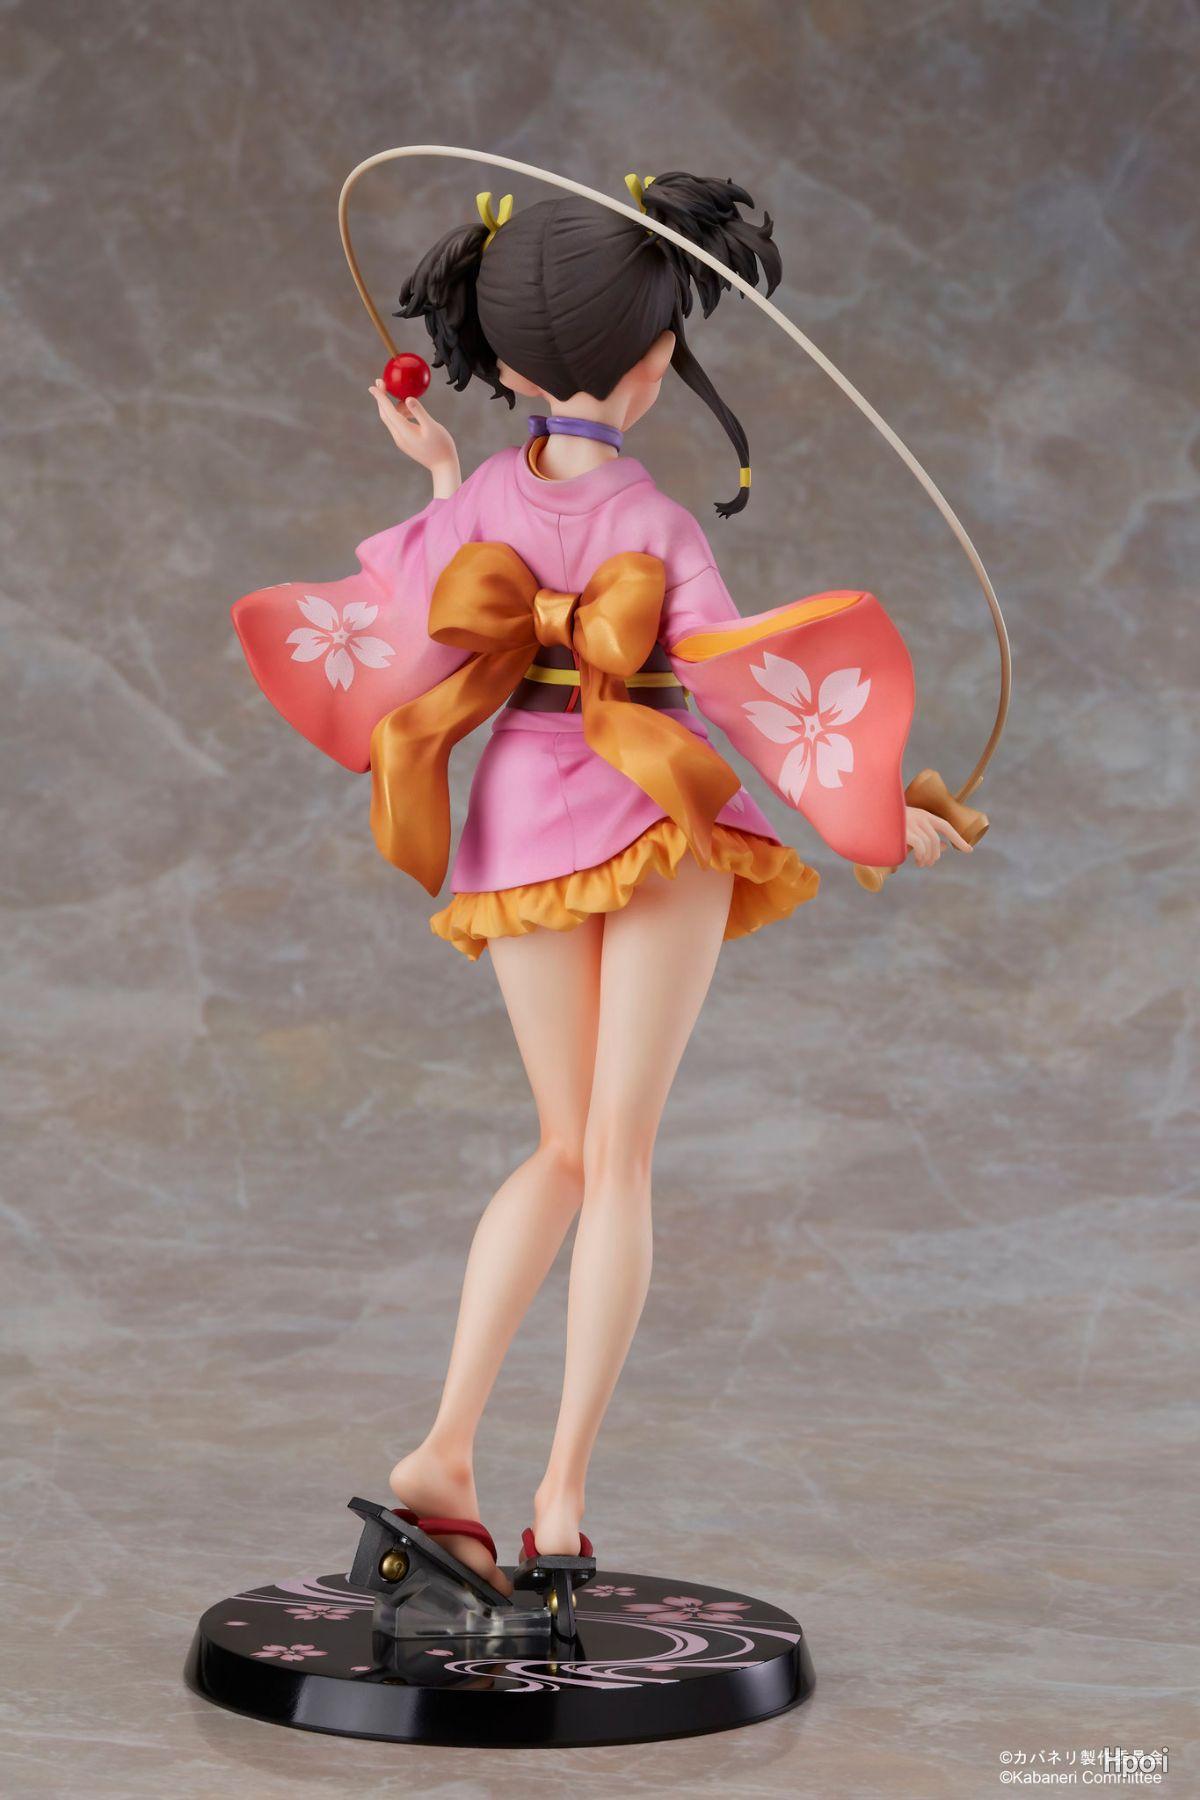 2018 новая модель аниме игрушка девушка Каба Нери безымянный халат, Вер. модель кимоно